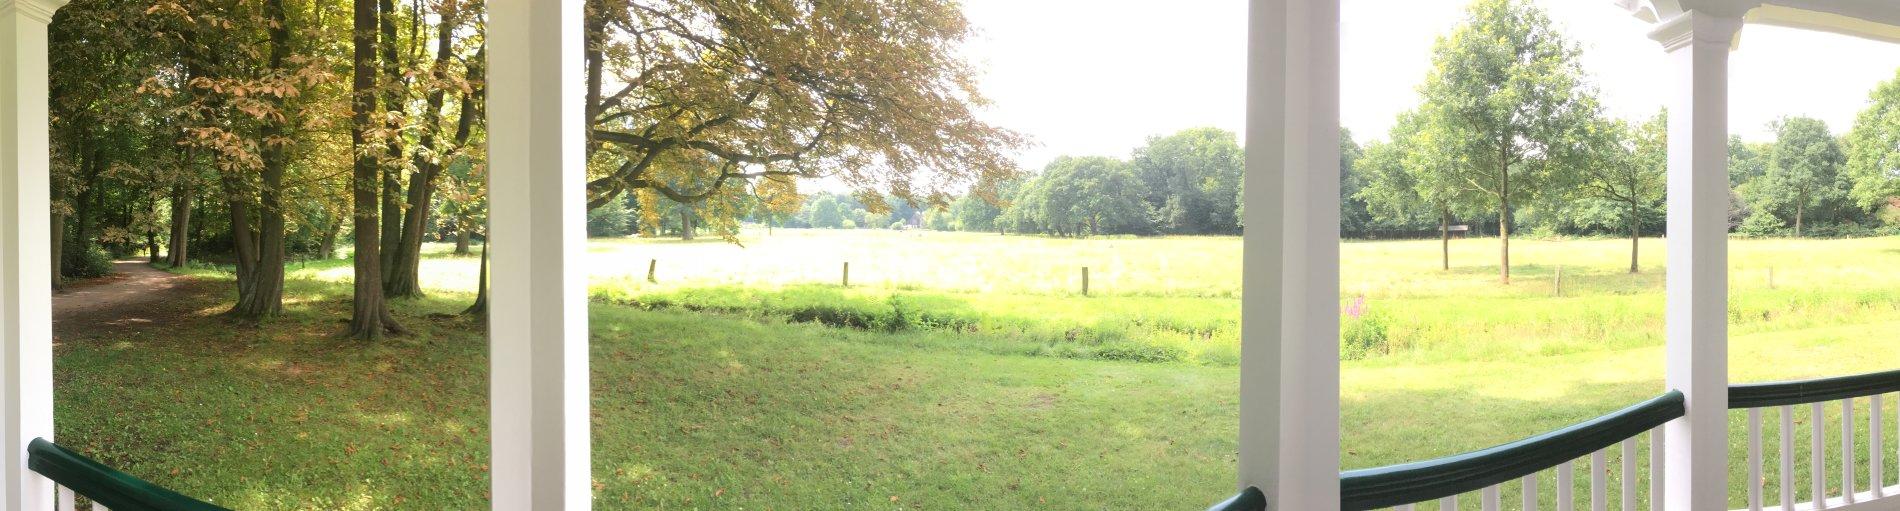 Ausblick auf eine grüne Wiese durch weiße Pfeiler und über einen weißen Zaun.